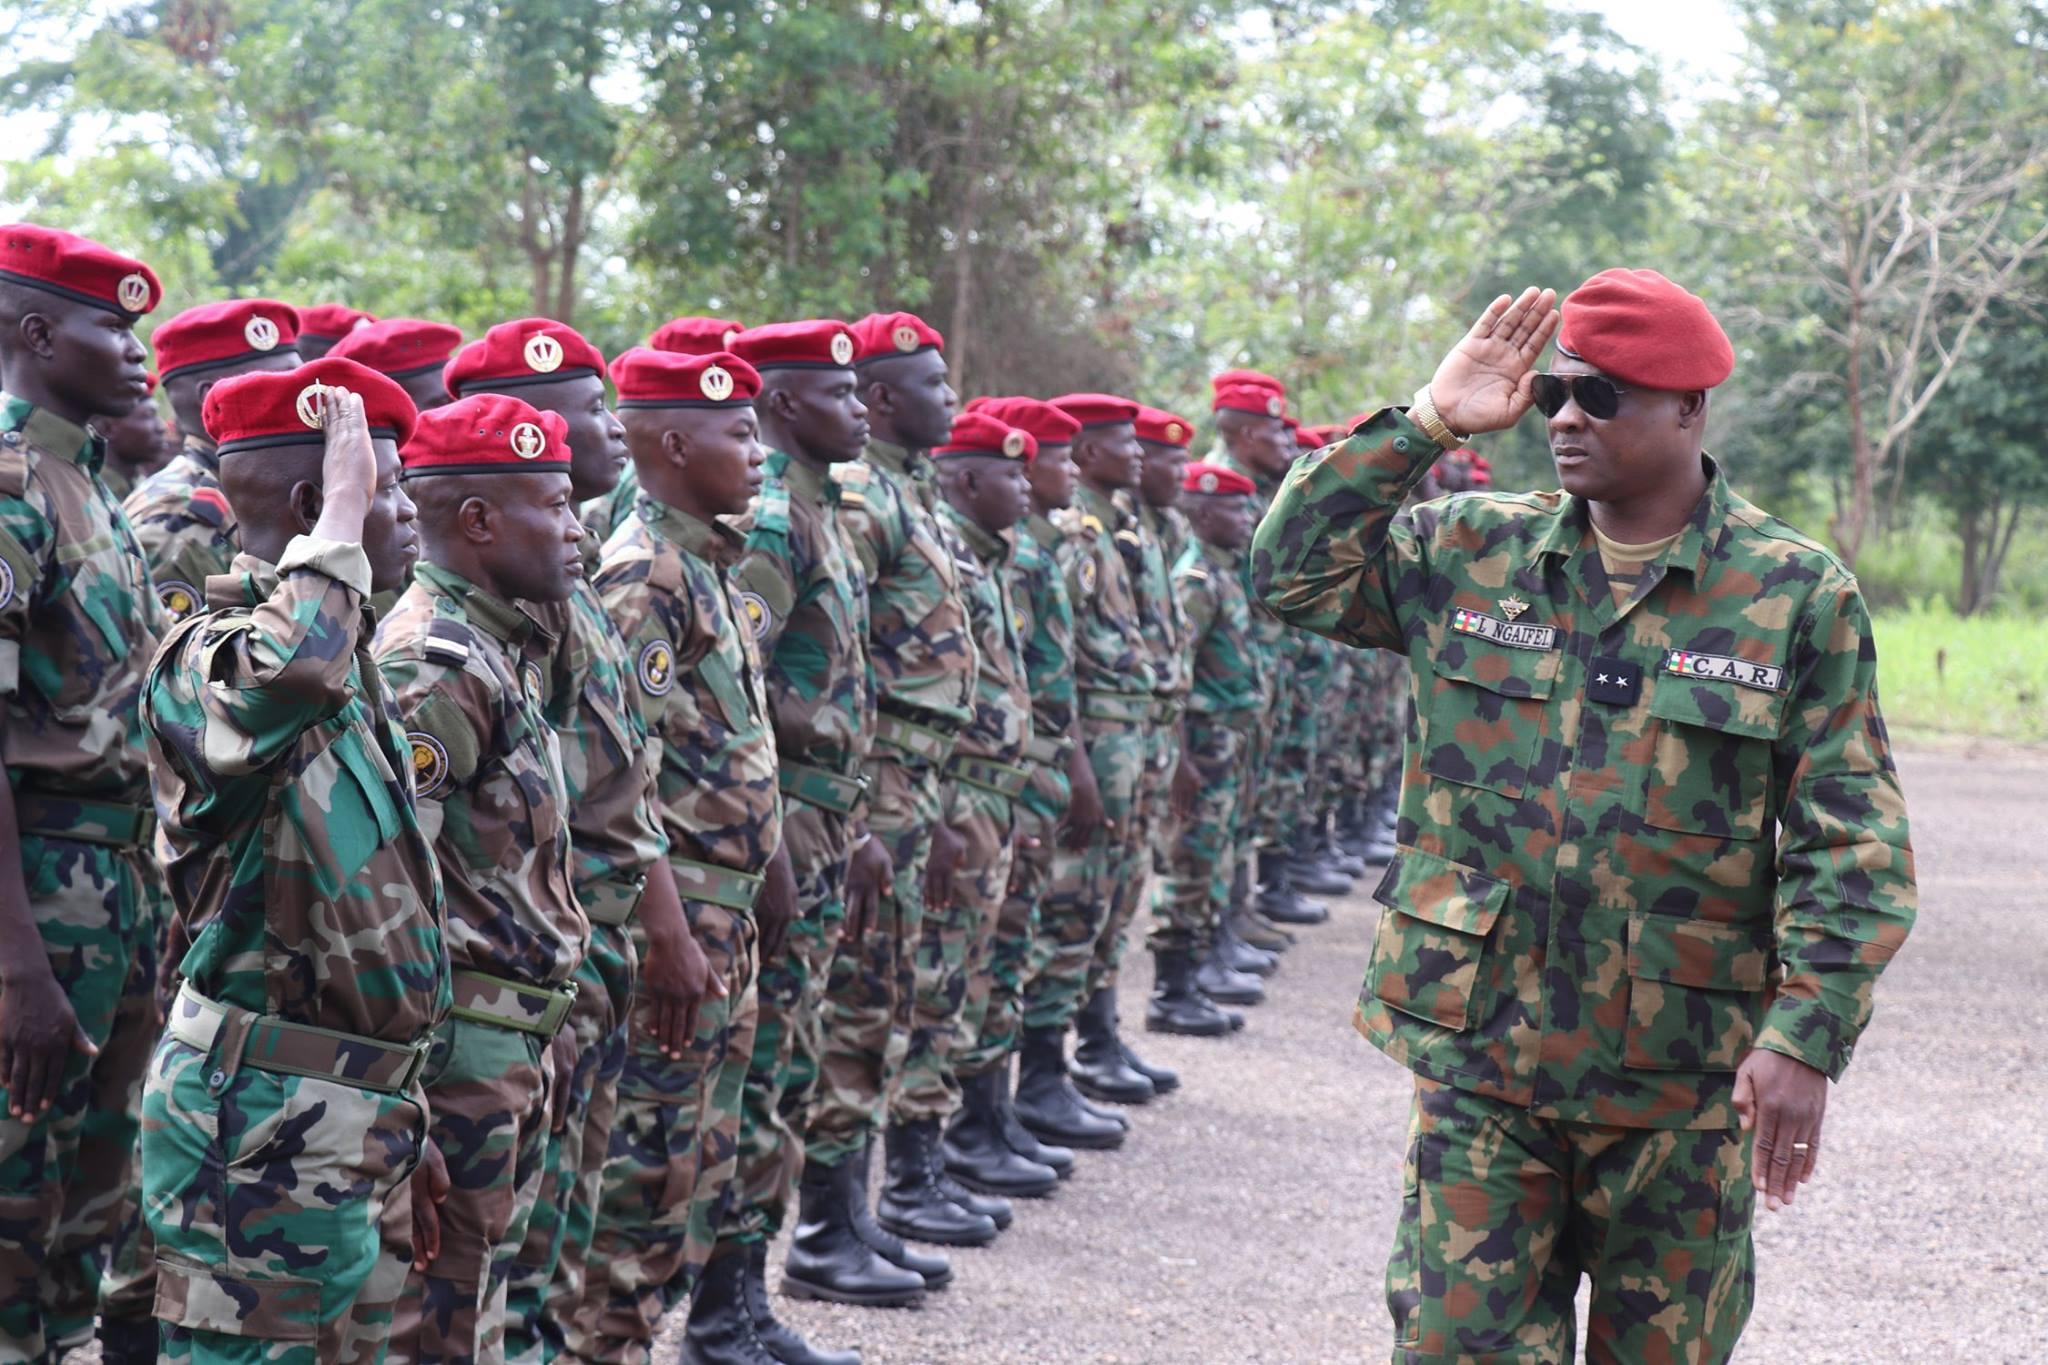 Centrafrique : Les dispositifs sécuritaires se renforcent à la frontière RCA-Tchad selon l'unité des FACA